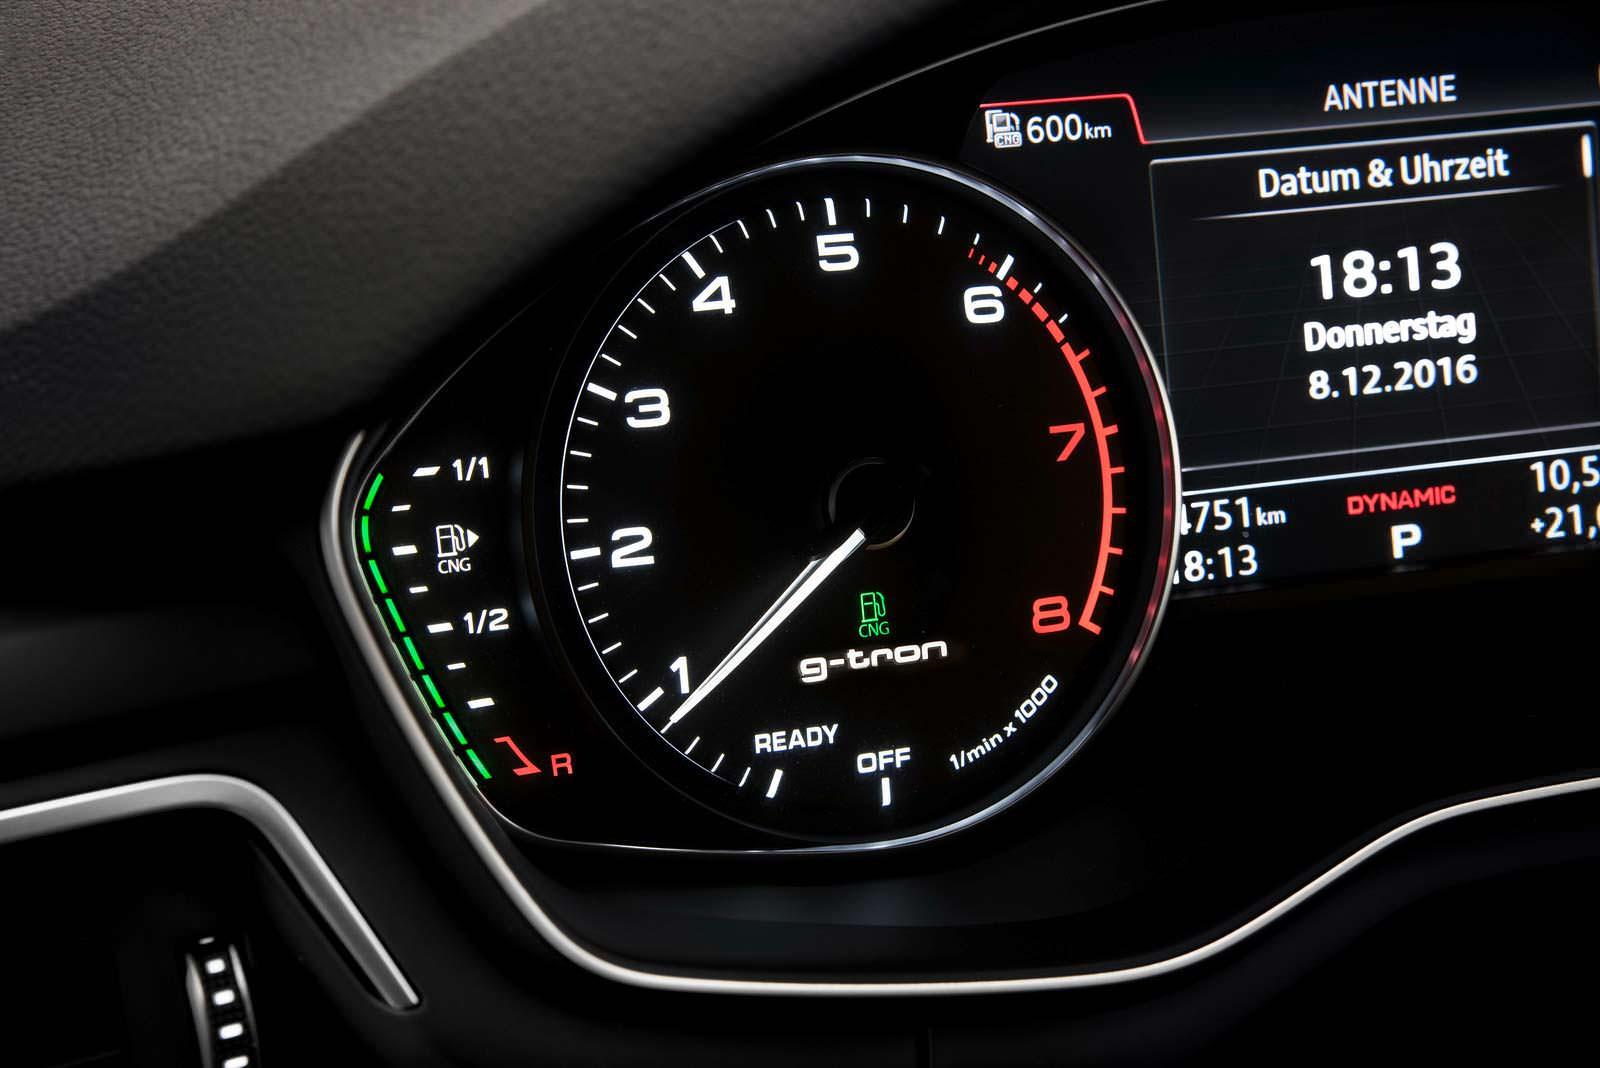 Панель приборов Audi A4 Avant G-Tron